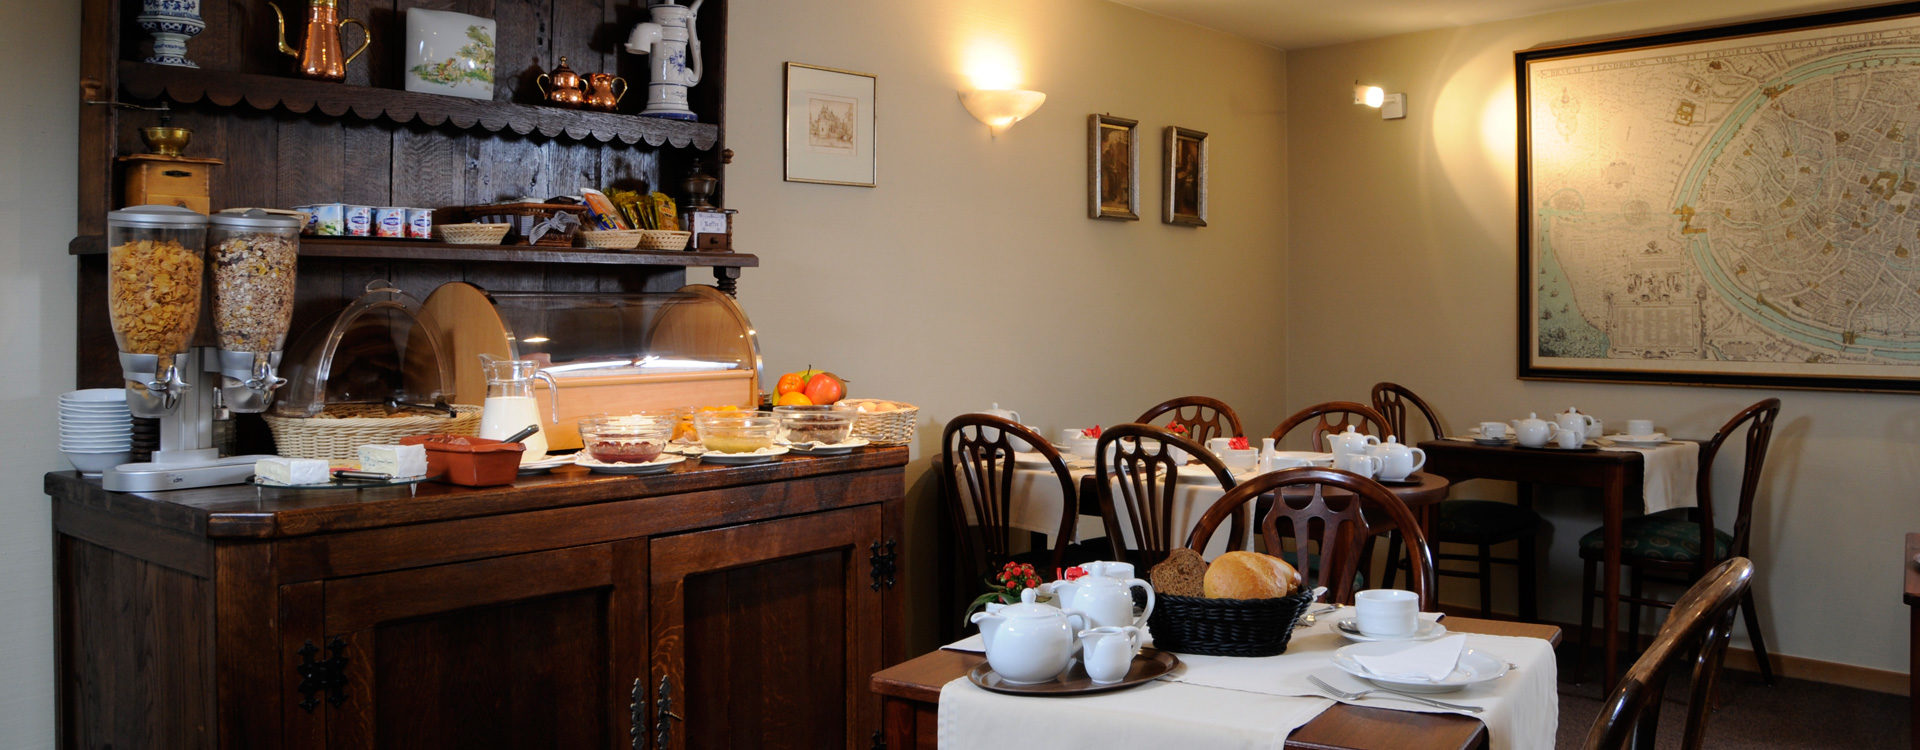 Petit-déjeuner - Hotel Albert 1